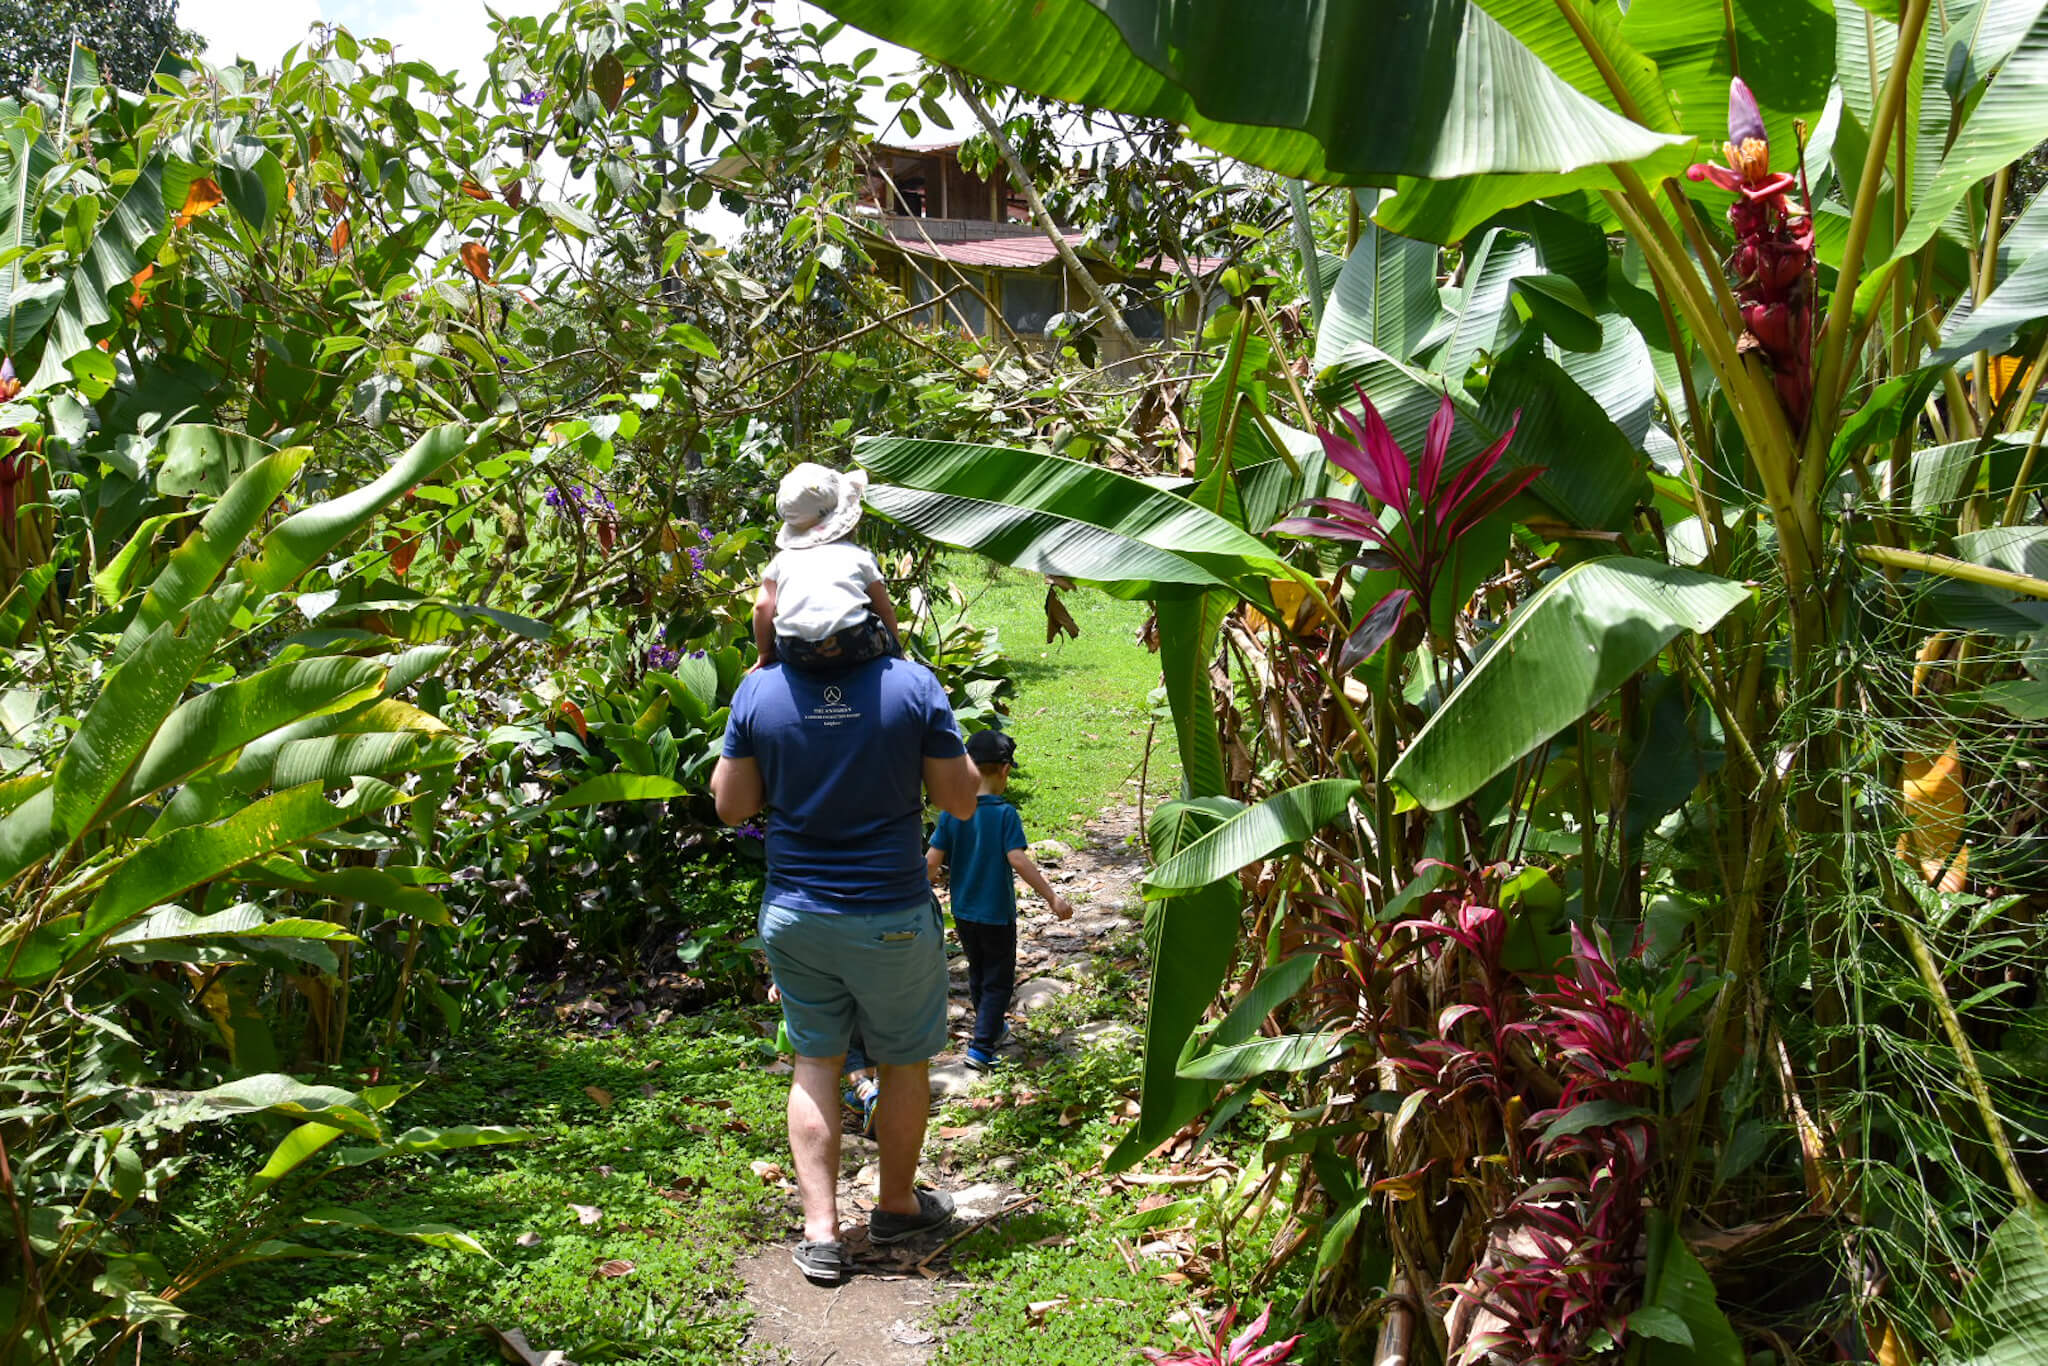 Mindo gardens